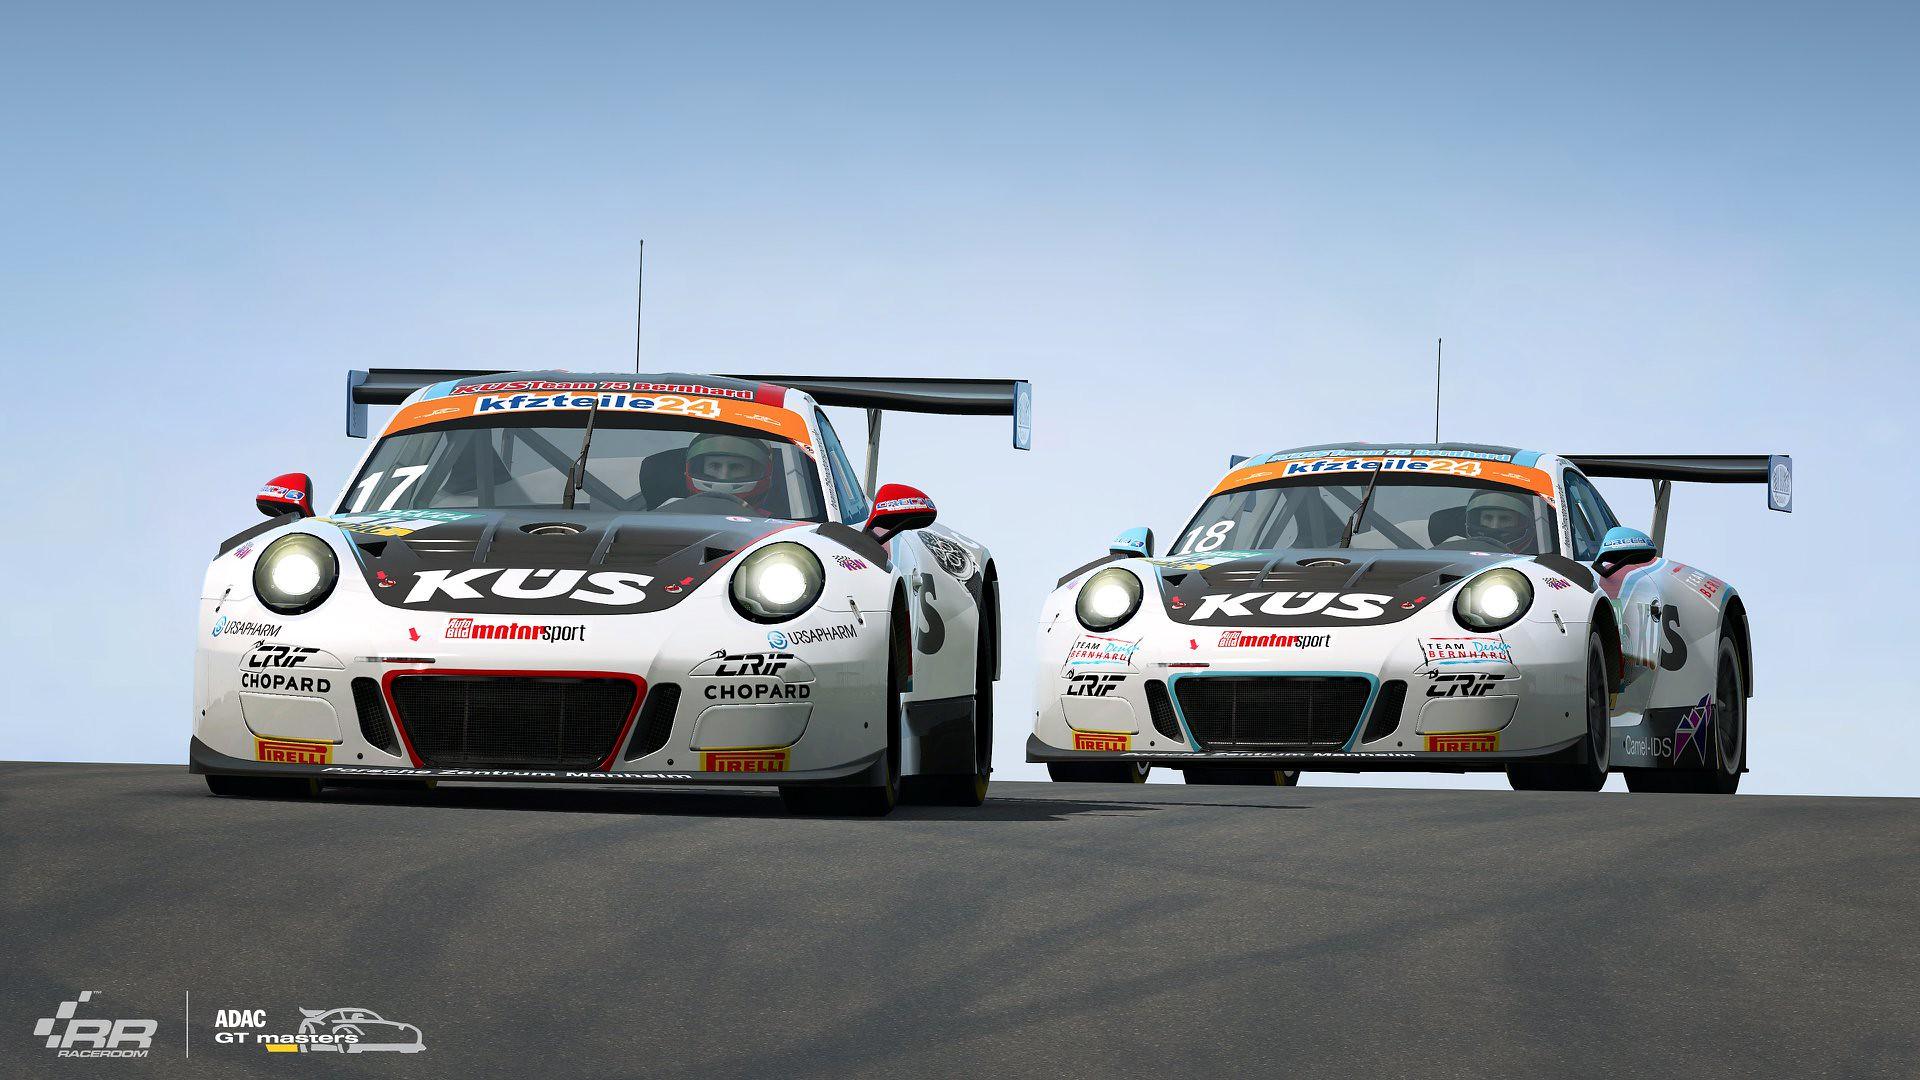 RaceRoom ADAC GT Masters 2018 Porsche 4